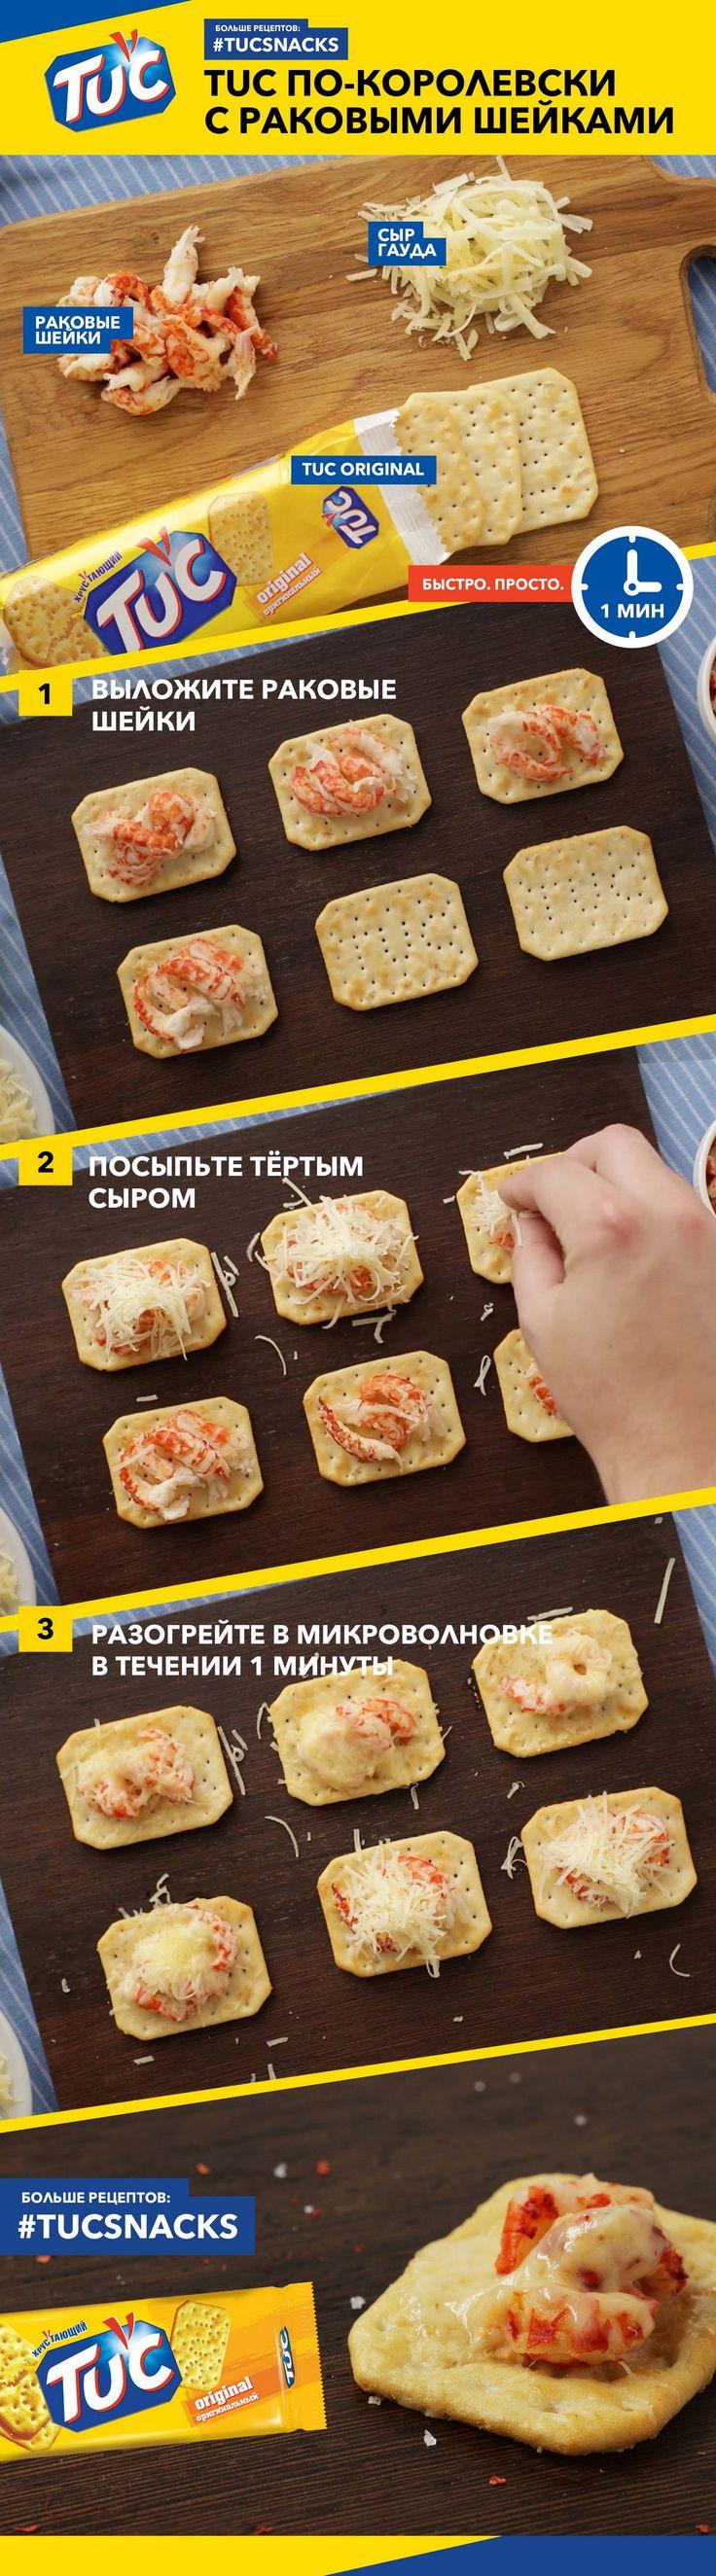 TUC по-королевски с раковыми шейками. Два ингредиента, а на выходе - изысканная закуска, перед которой не устоят и шейхи. Возьми TUC Original, раковые шейки и твёрдый сыр, типа гауда.  Выложи раковые шейки на крекер, посыпь тёртым сыром и поставь в микроволновую печь на 1 минуту.  Не забудь снять свою корону после вечеринки:)  #tucsnacks #tuc